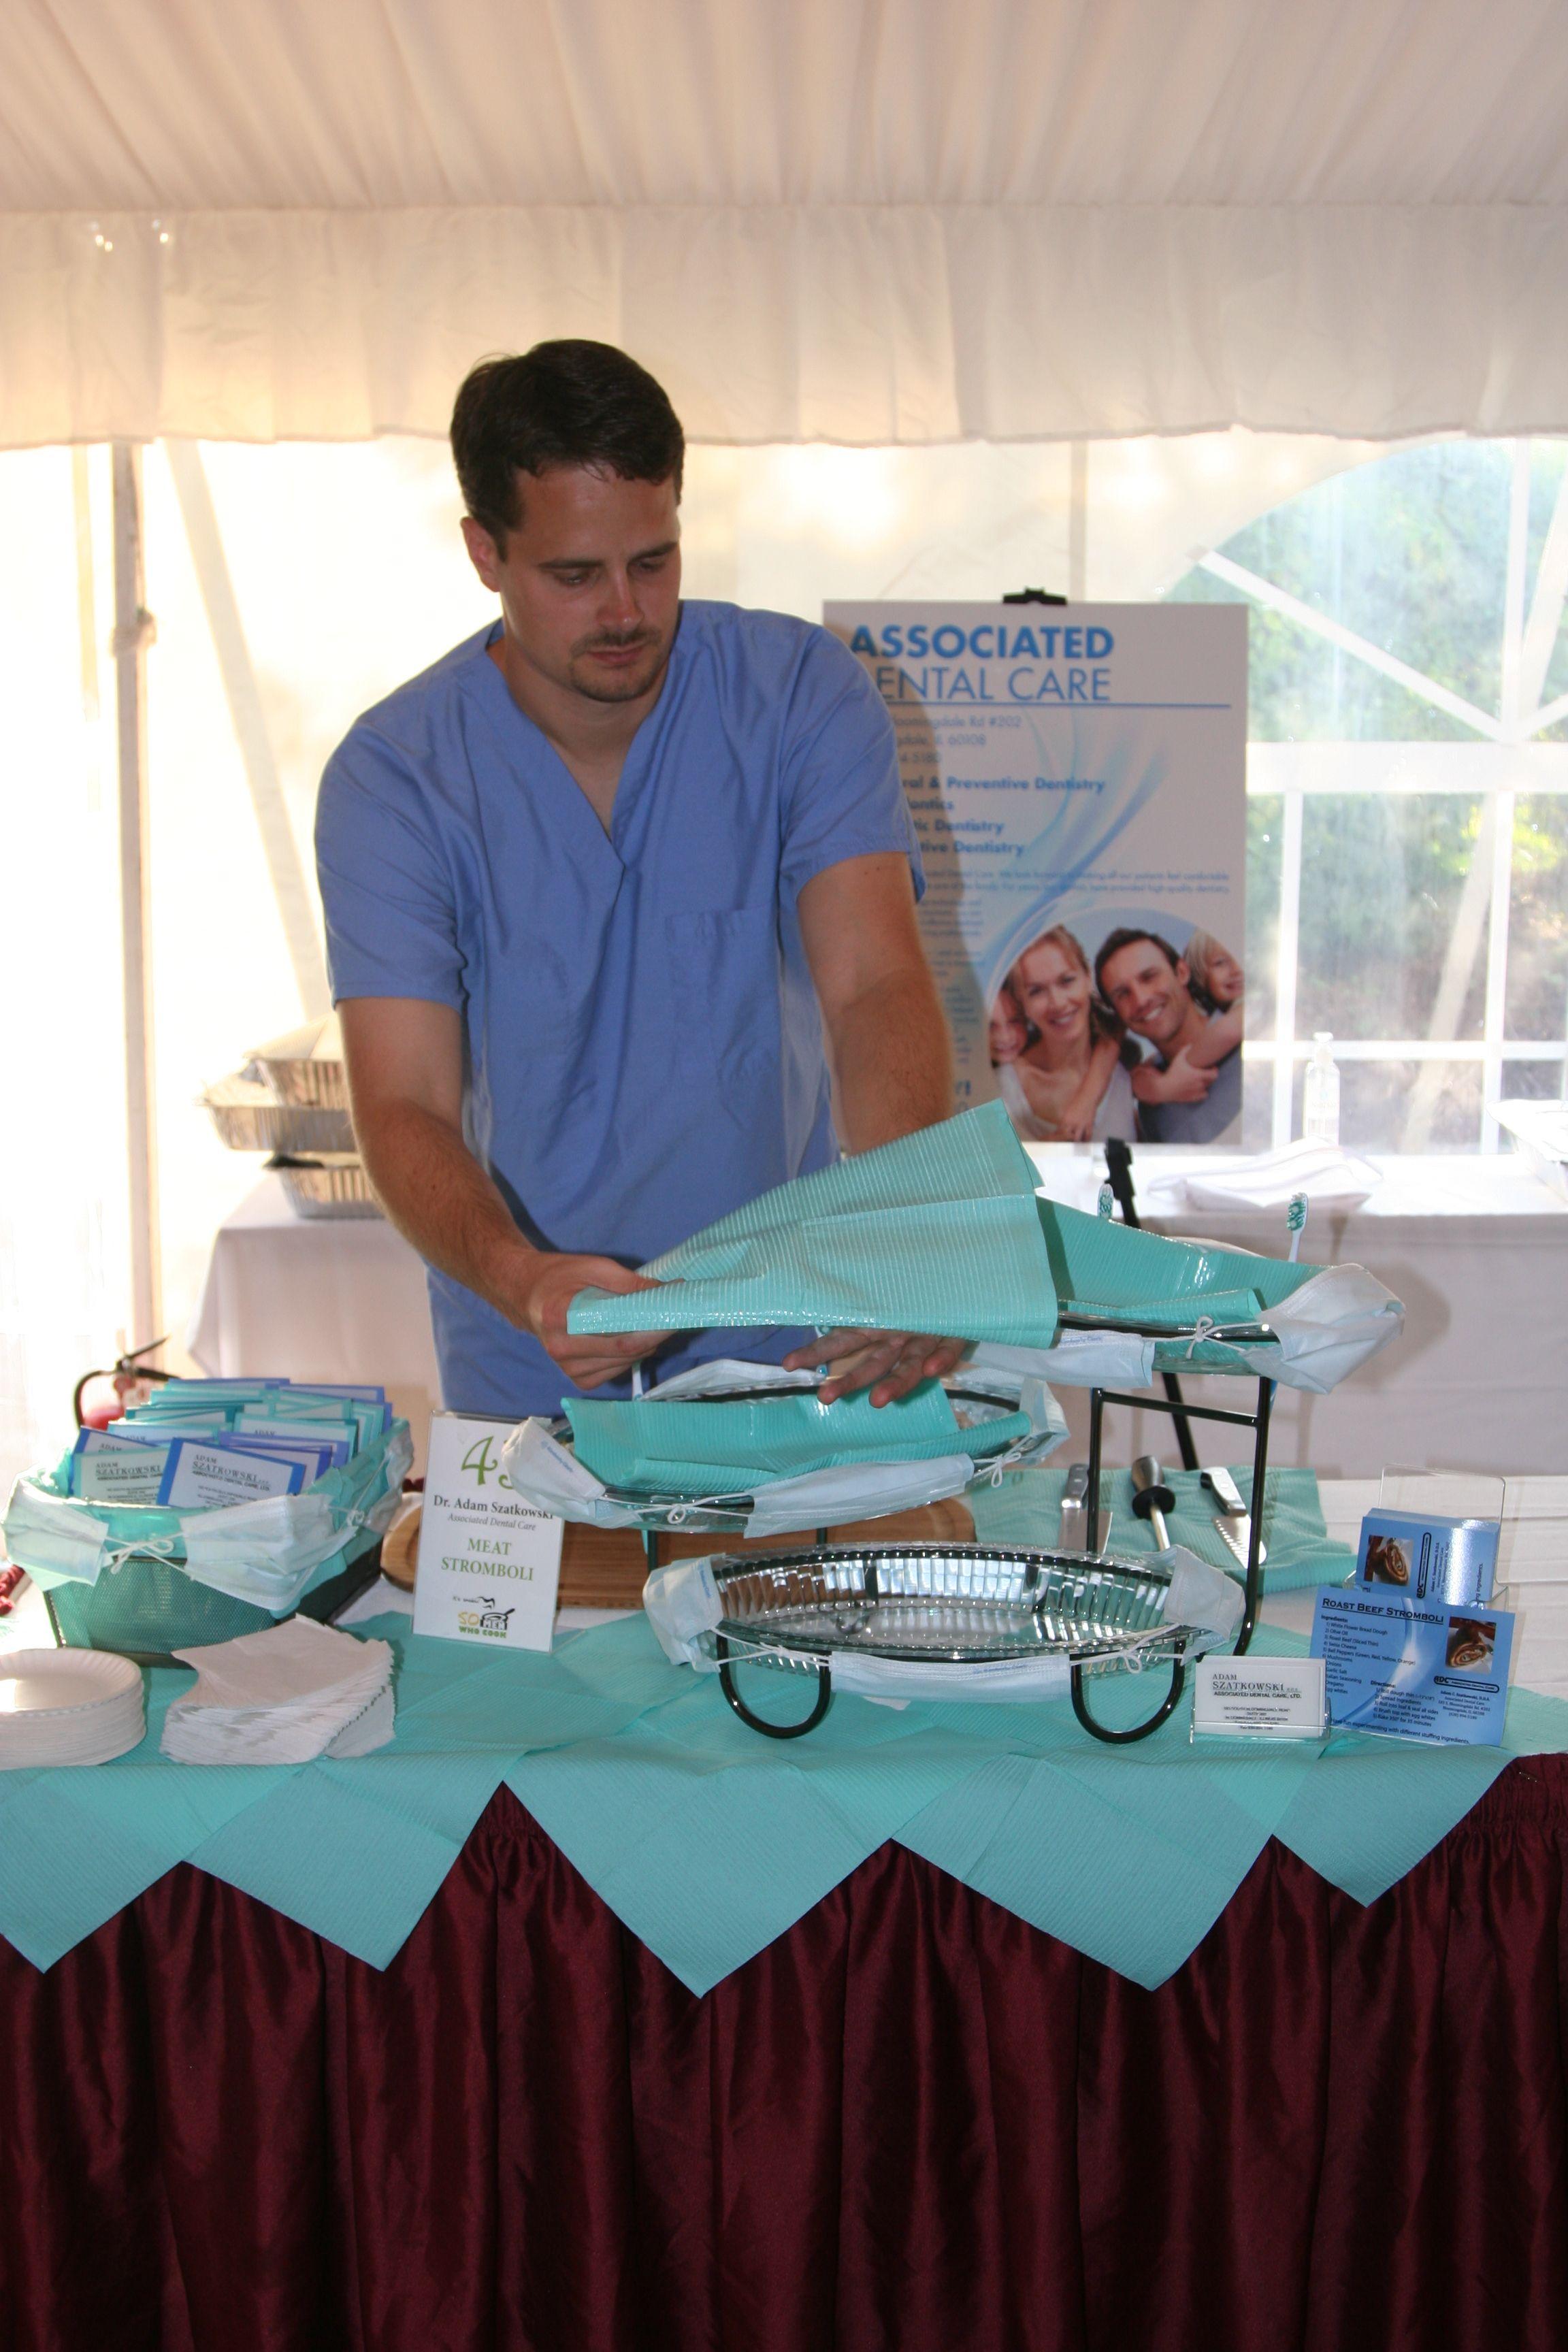 Associated Dental Care Dental care